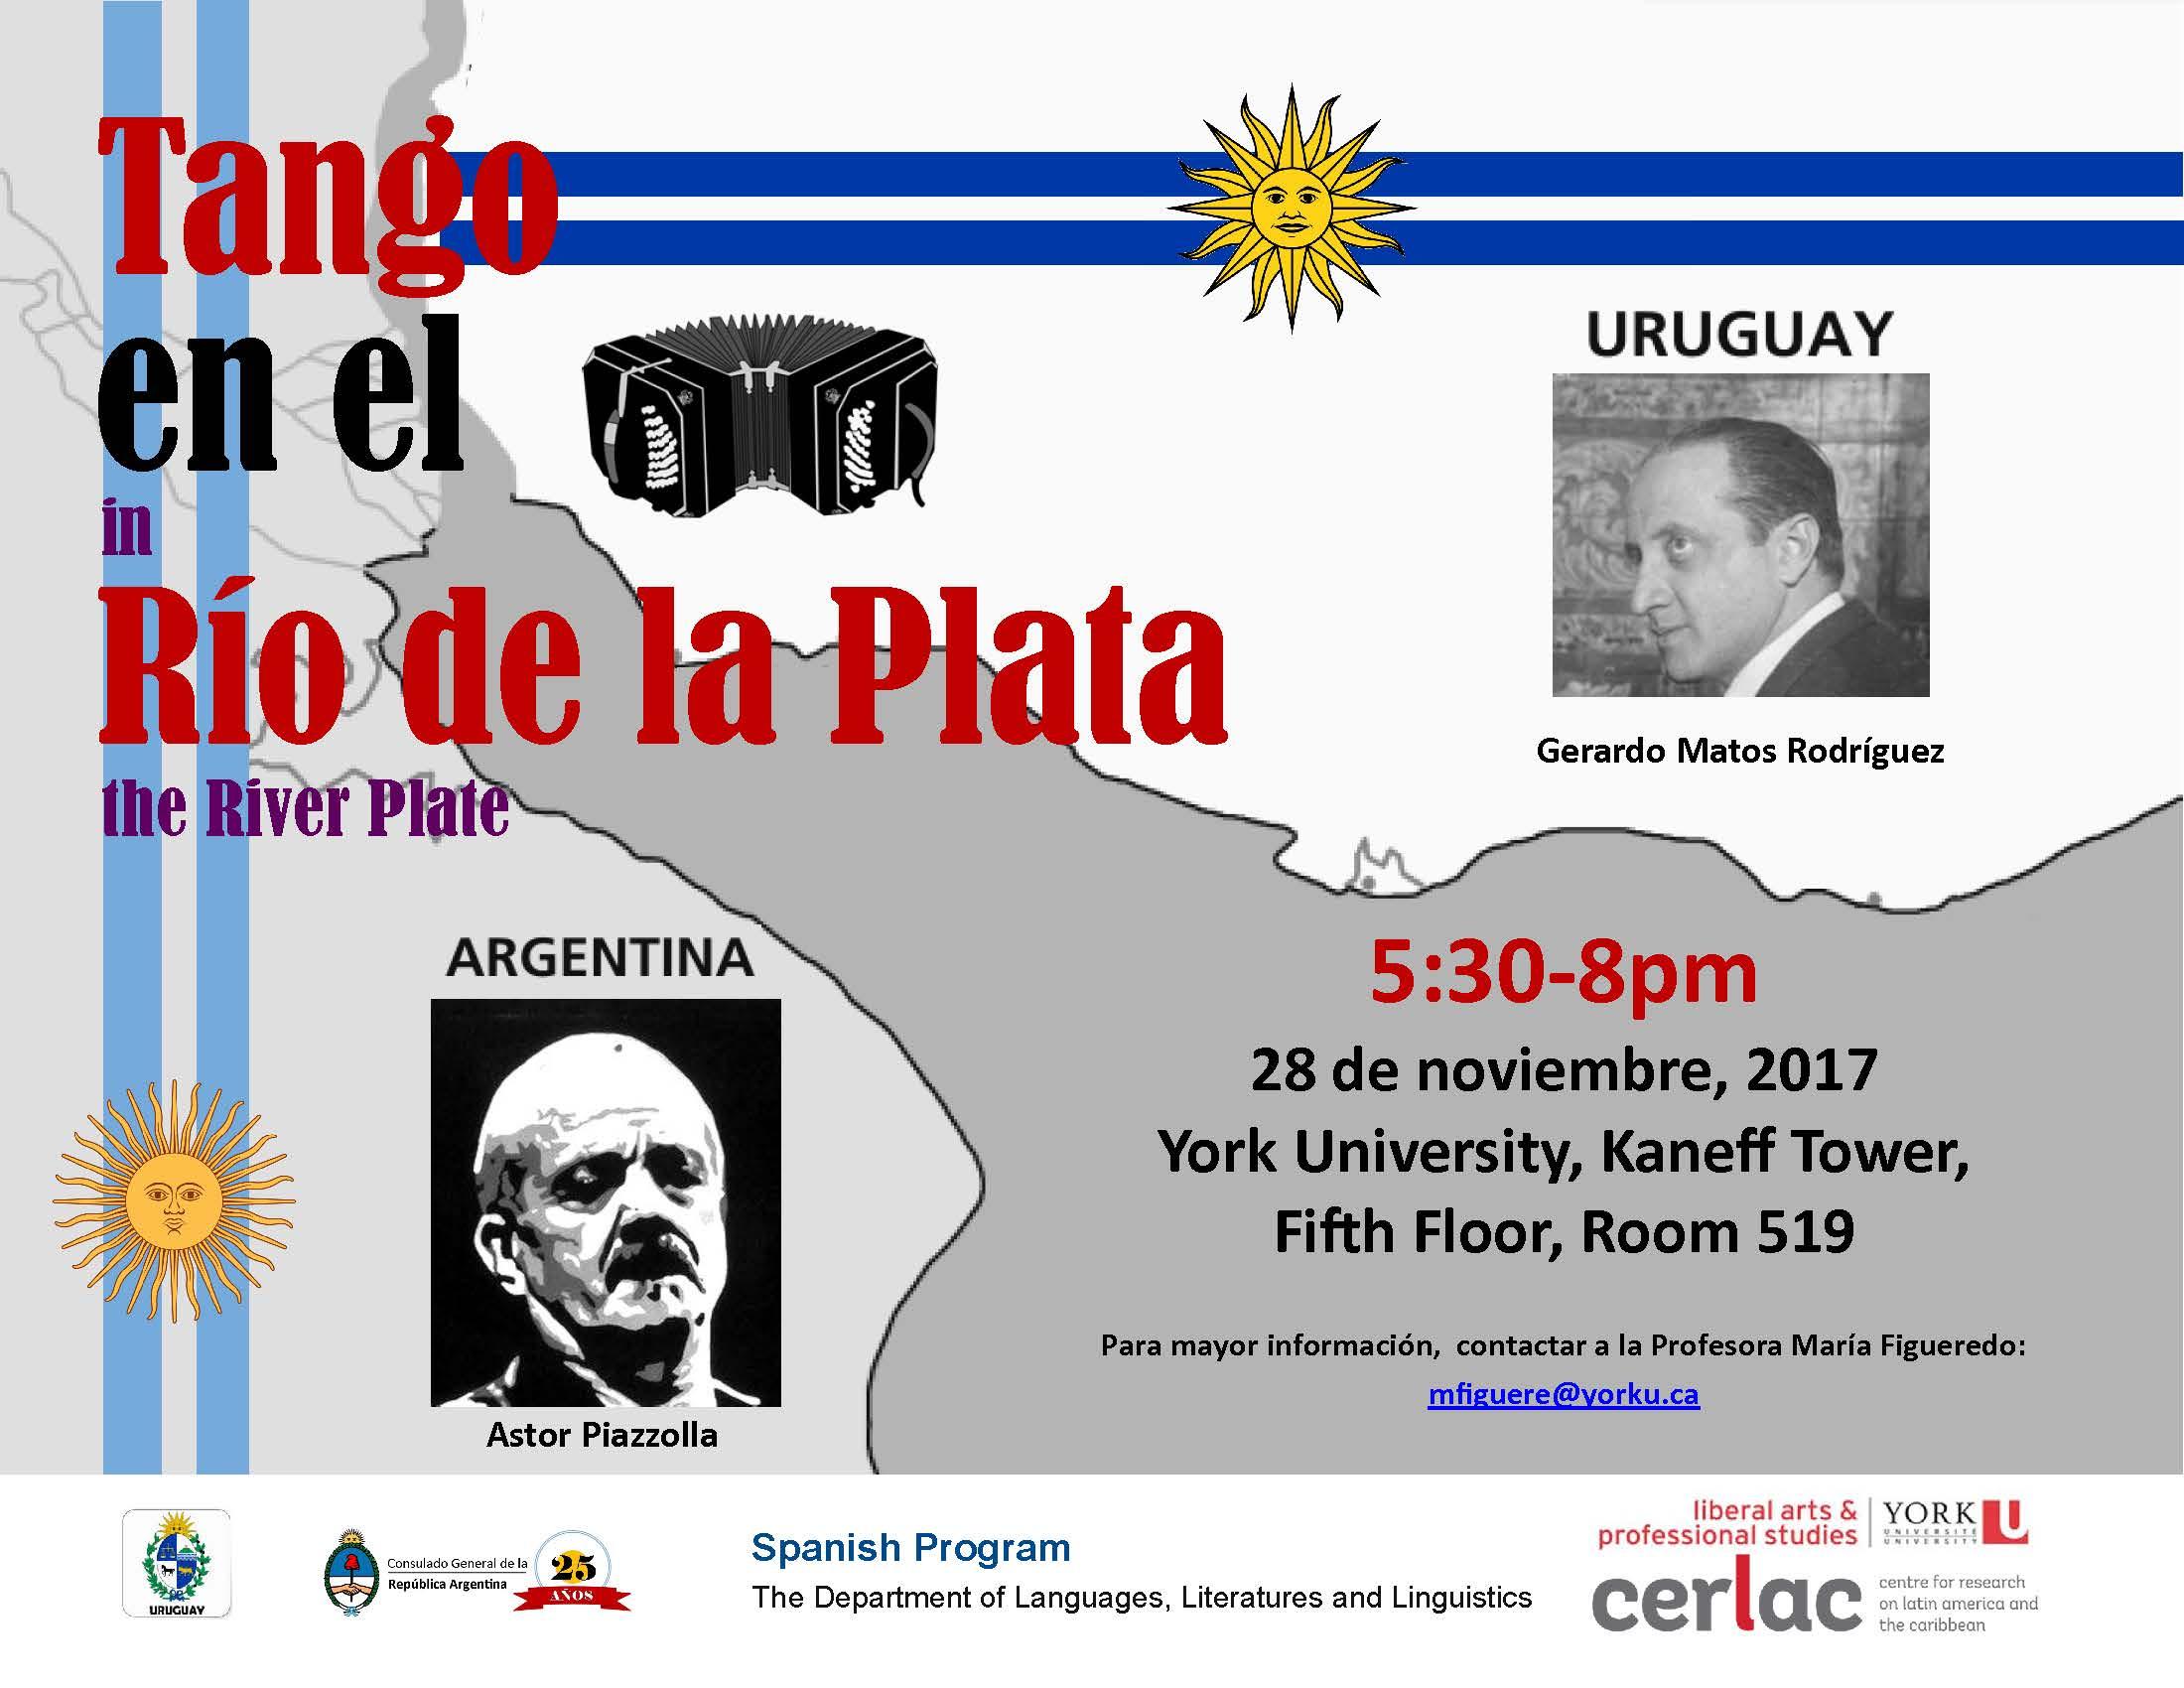 Tango en el Rio de la Plata (Tango in the River Plate) @ Kaneff Tower 519